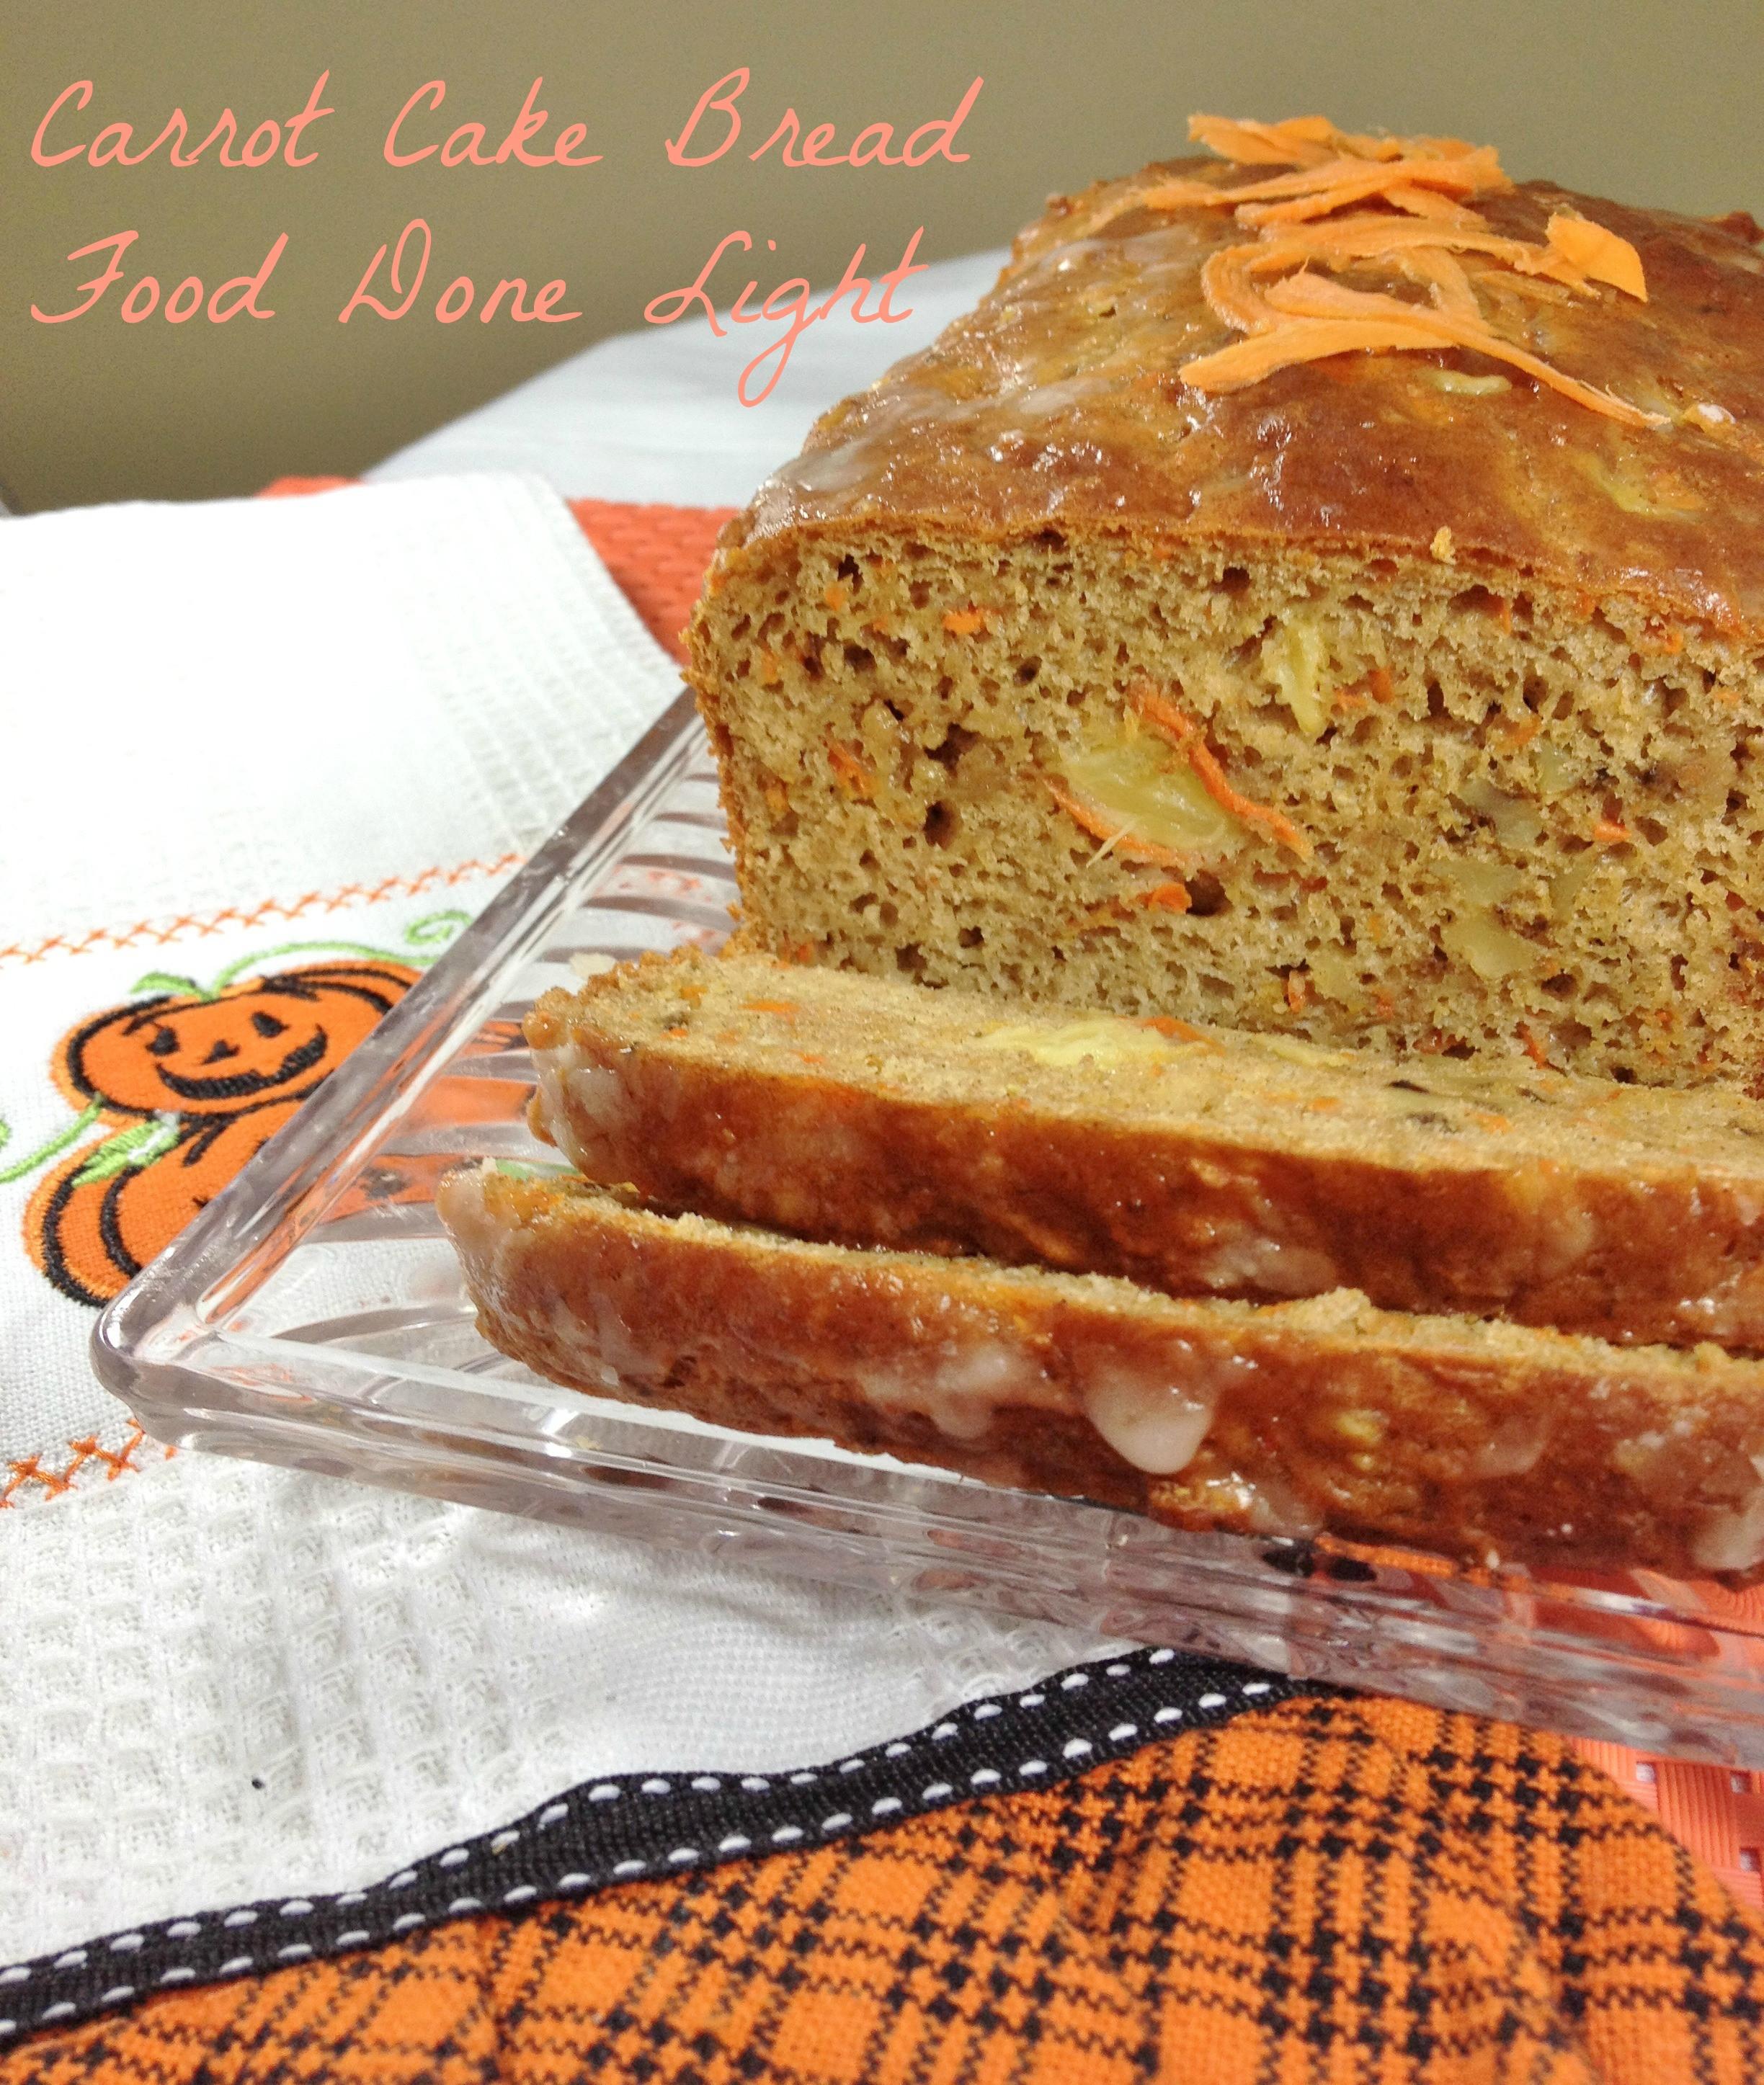 Carrot Cake Bread  Carrot Cake Bread